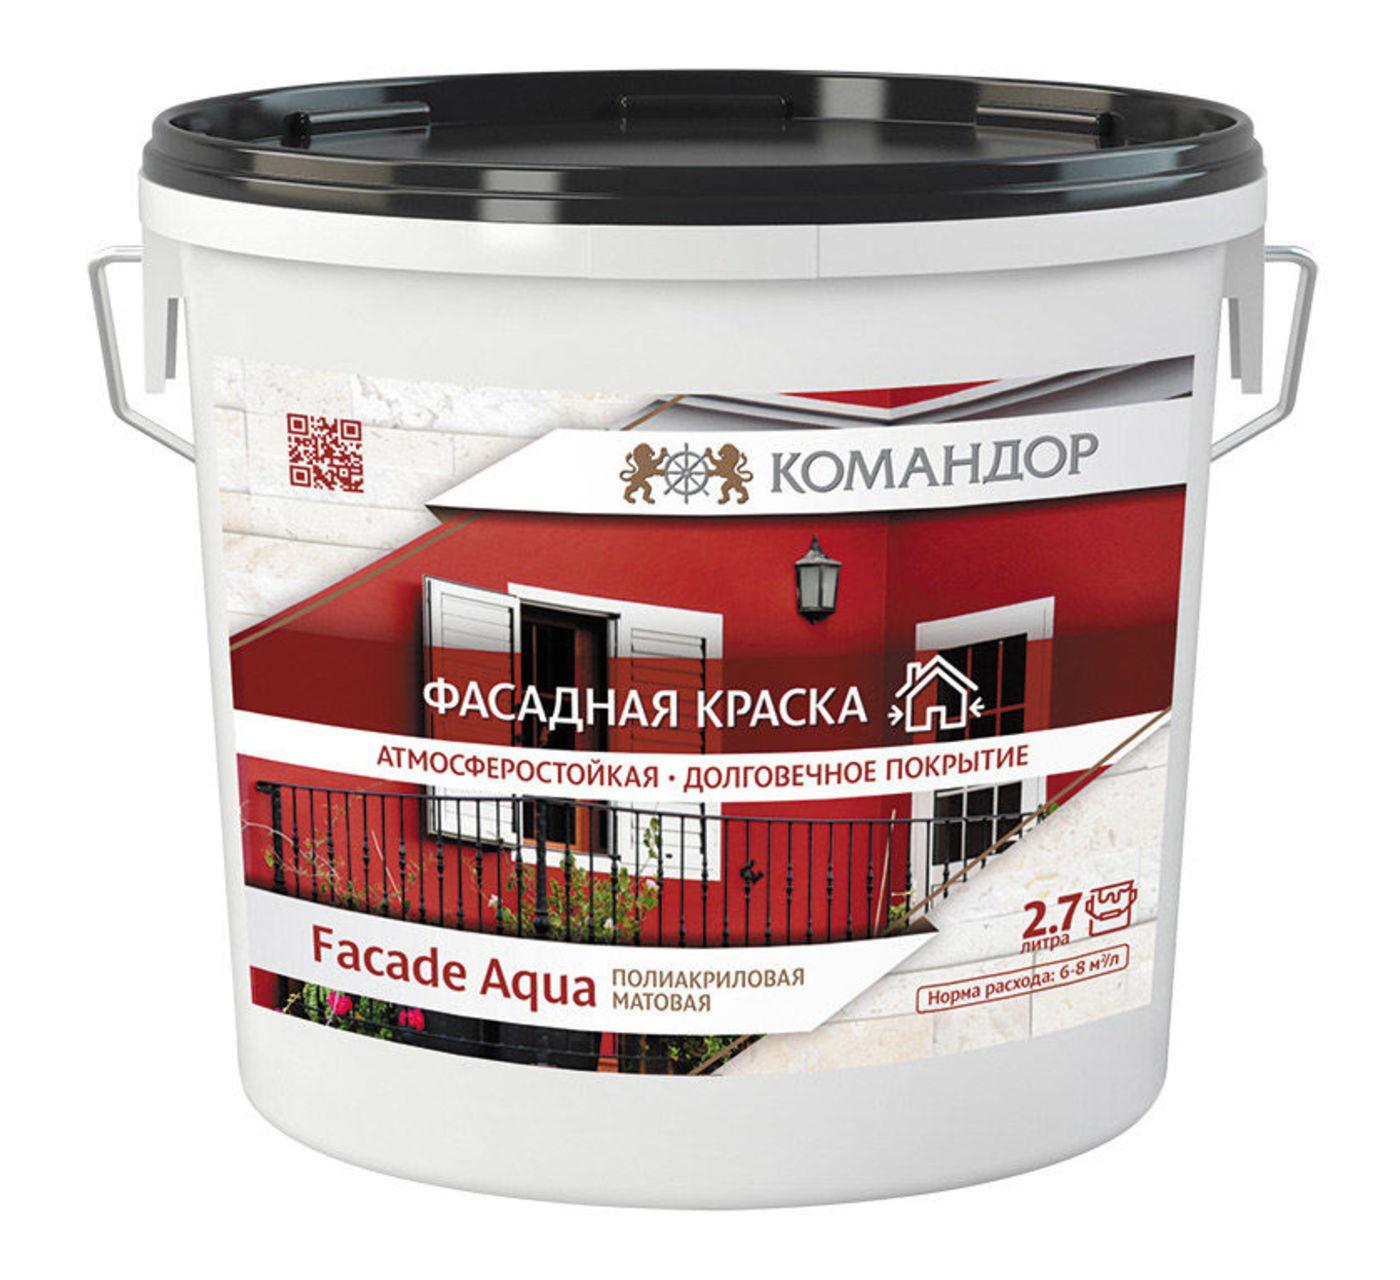 FACADE AQUA водно-дисперсионная фасадная полиакриловая краска ТУ 20.30.11-069-93296022-2016